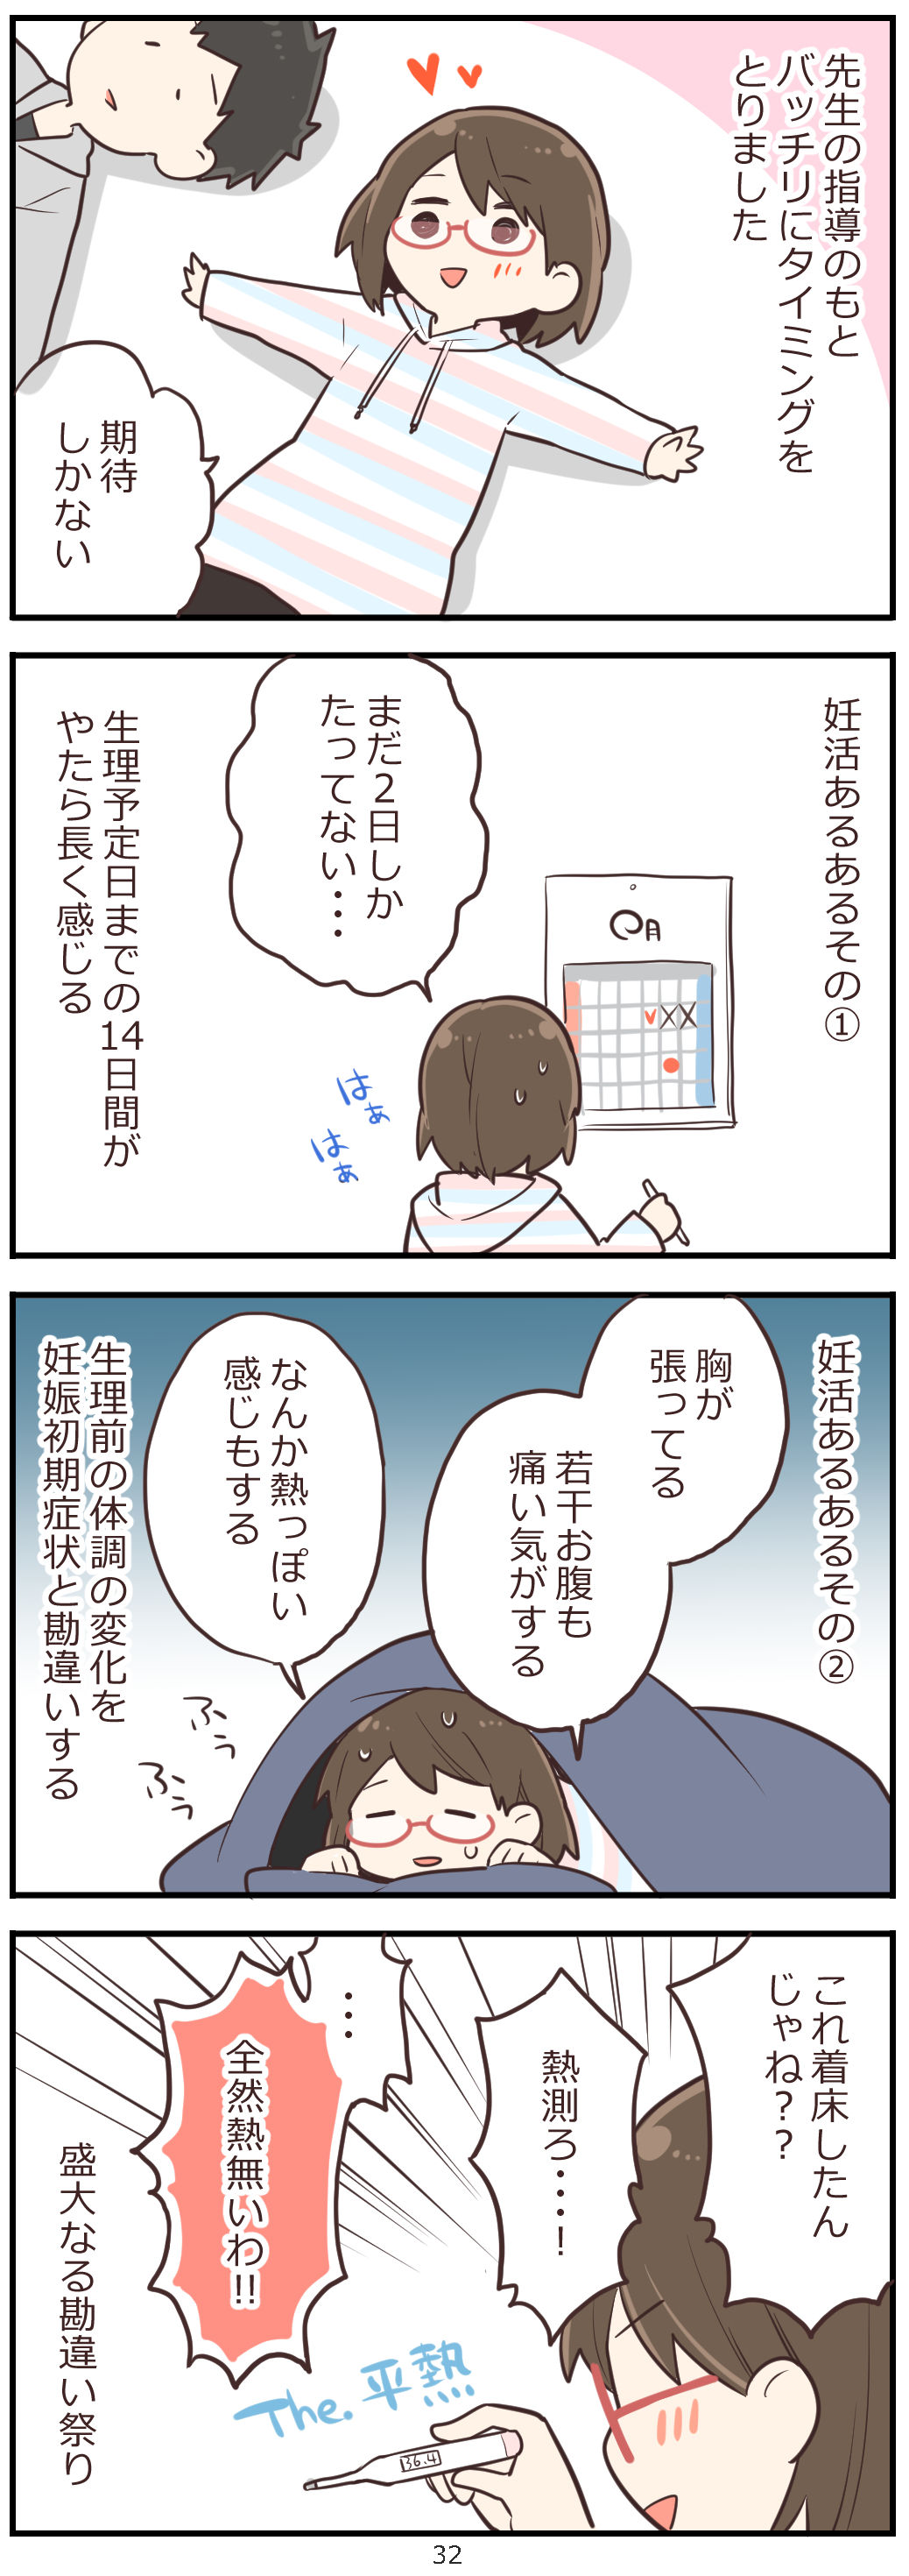 「妊活レベル1 まっふの冒険記」第32話